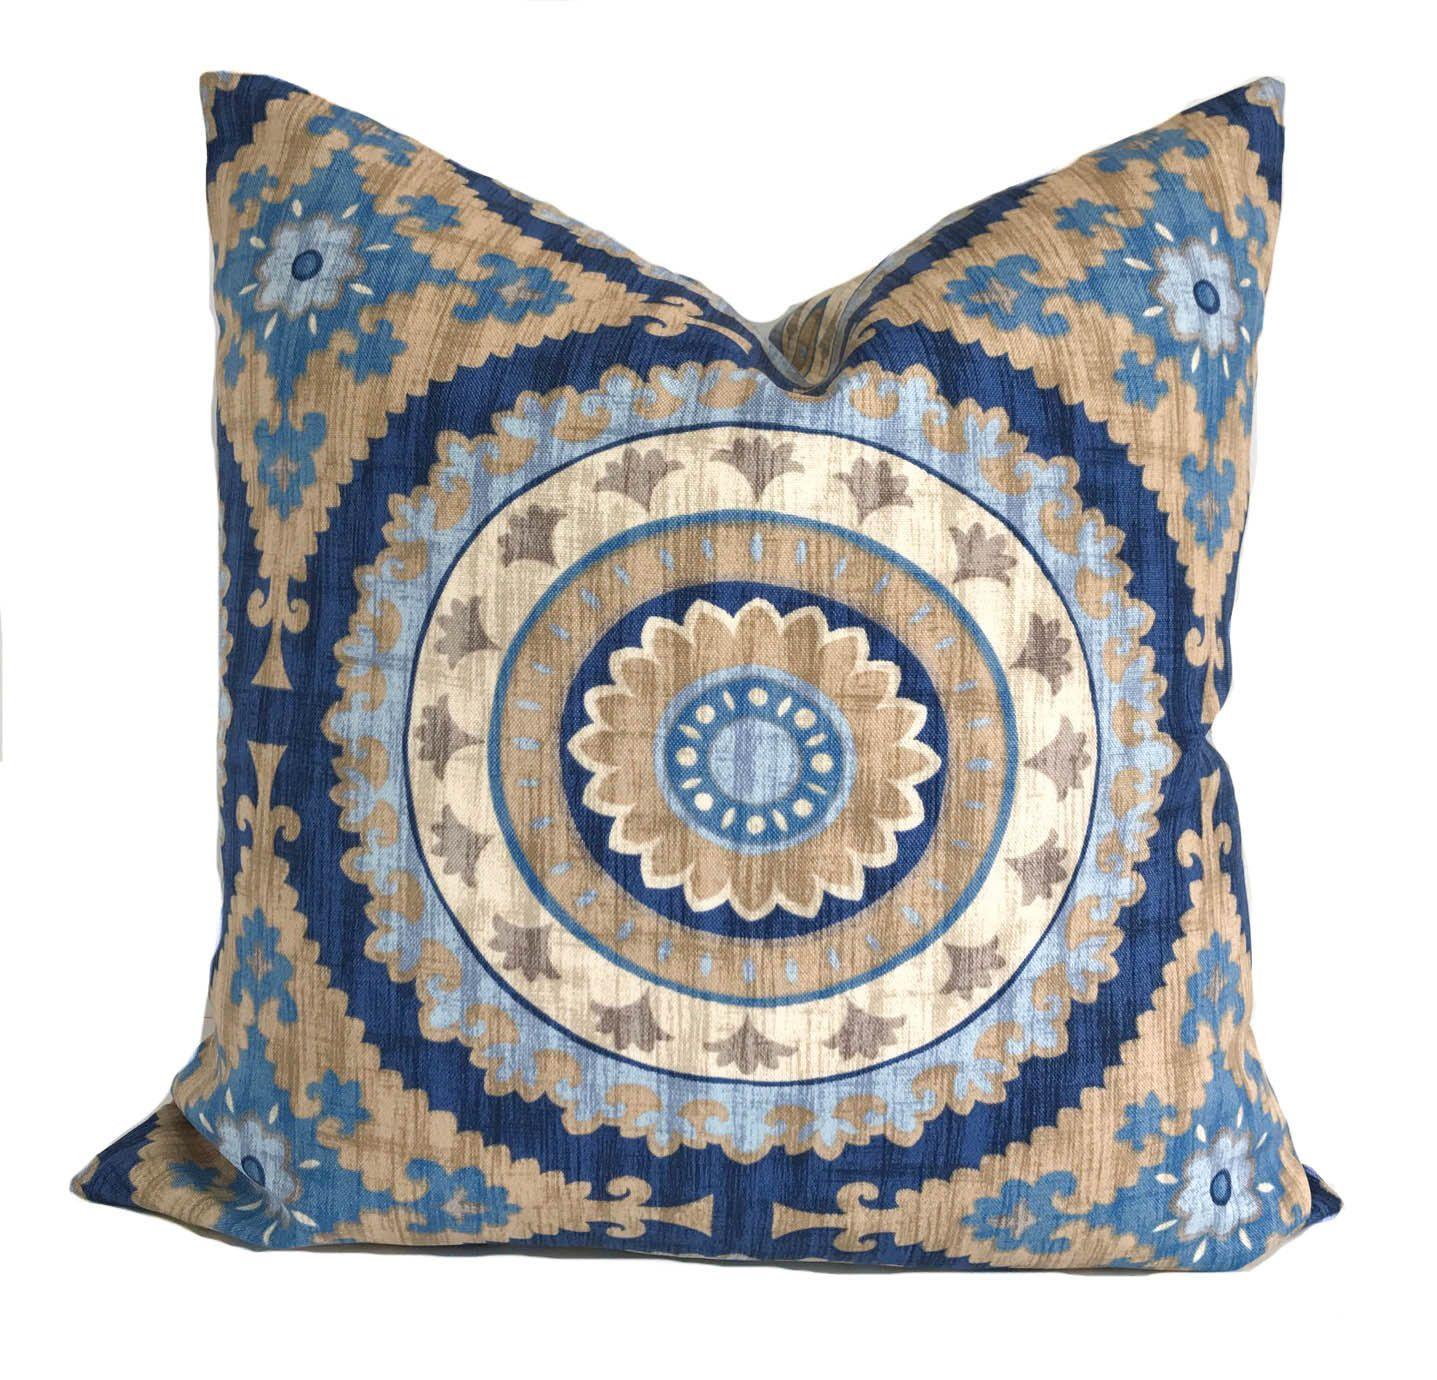 Outdoor Cushion Cover, Outdoor Pillow, Patio Cushions, Blue Outdoor Throw  Pillow, Outdoor